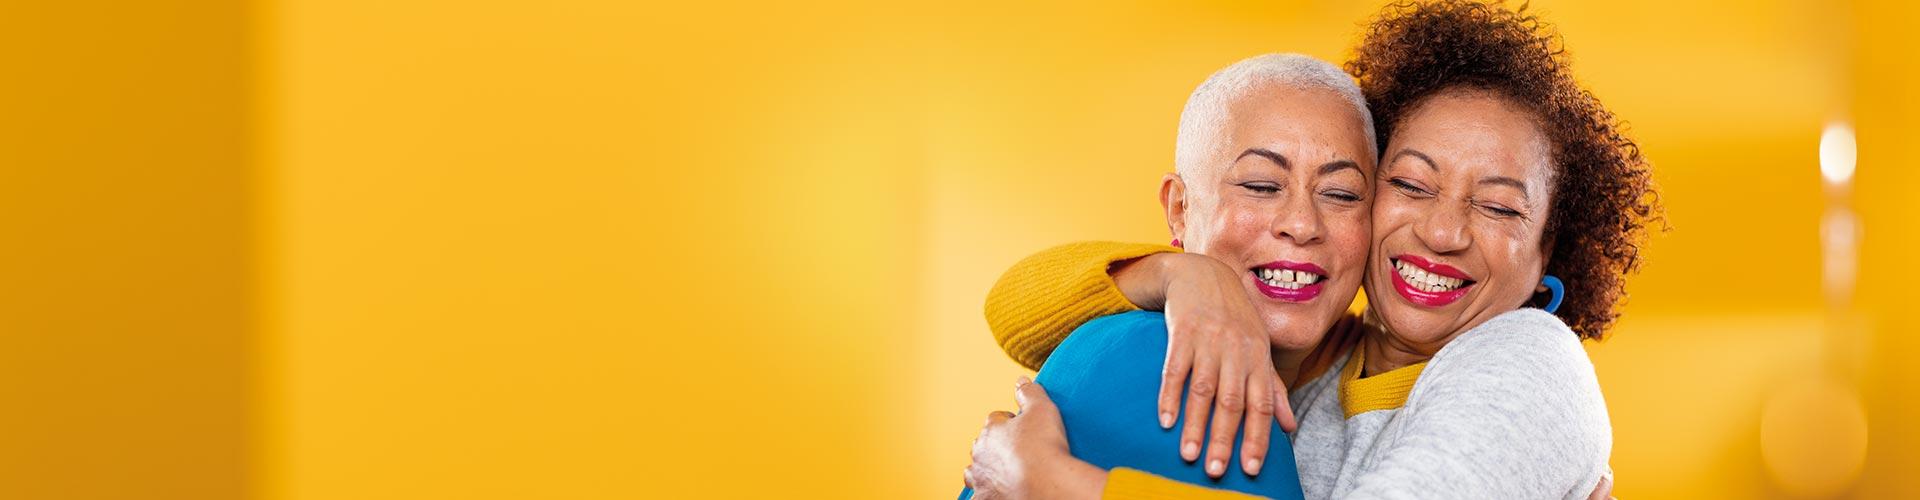 Deux femmes qui se serrent dans les bras. L'une d'entre elle porte une aide auditive de type contour d'oreille Philips HearLink.